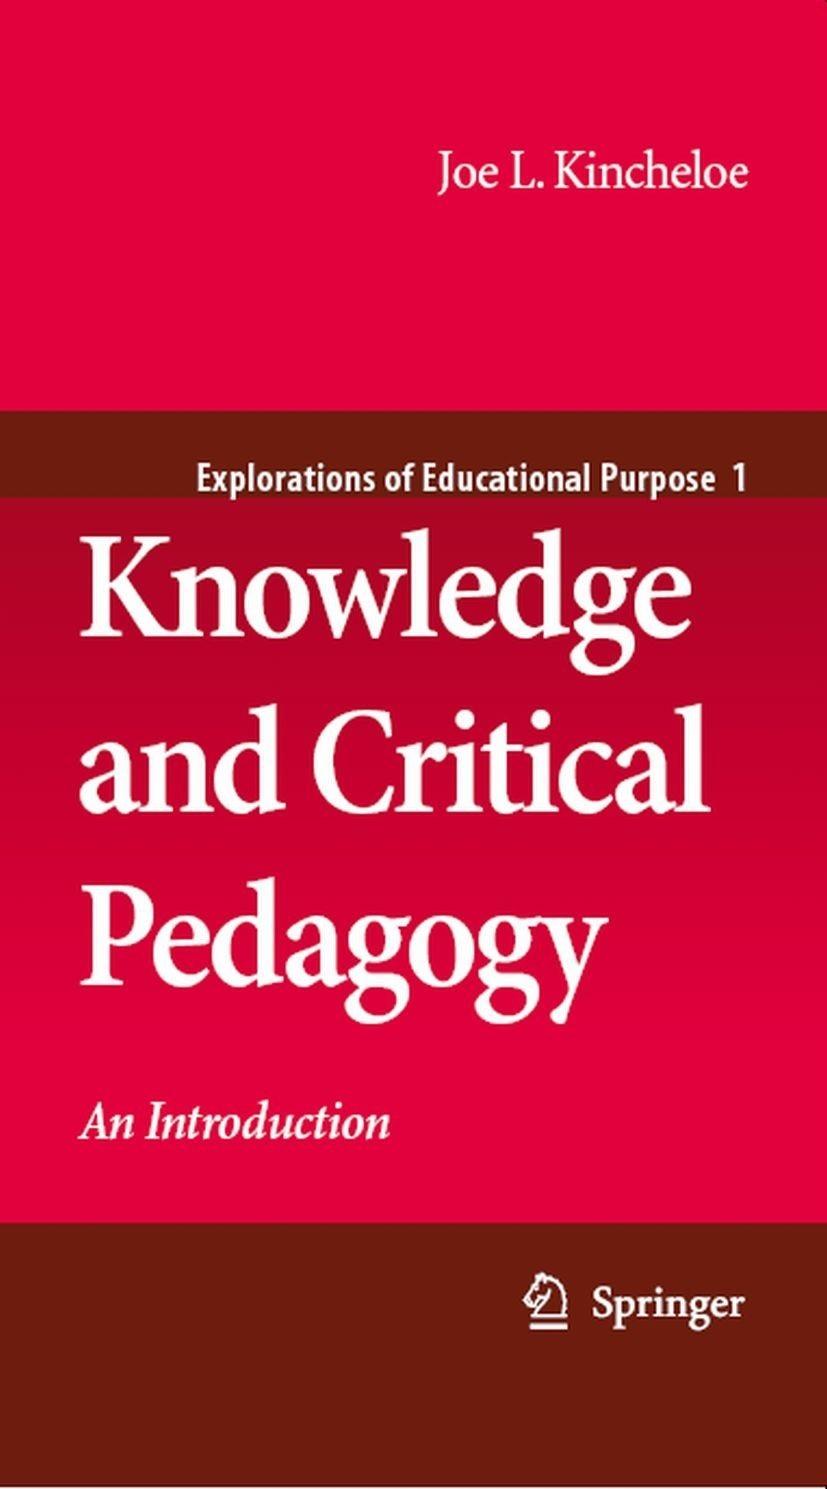 مقدمه ای بر دانش و پداگوژی انتقادی (کینچلو، ۲۰۰۸)